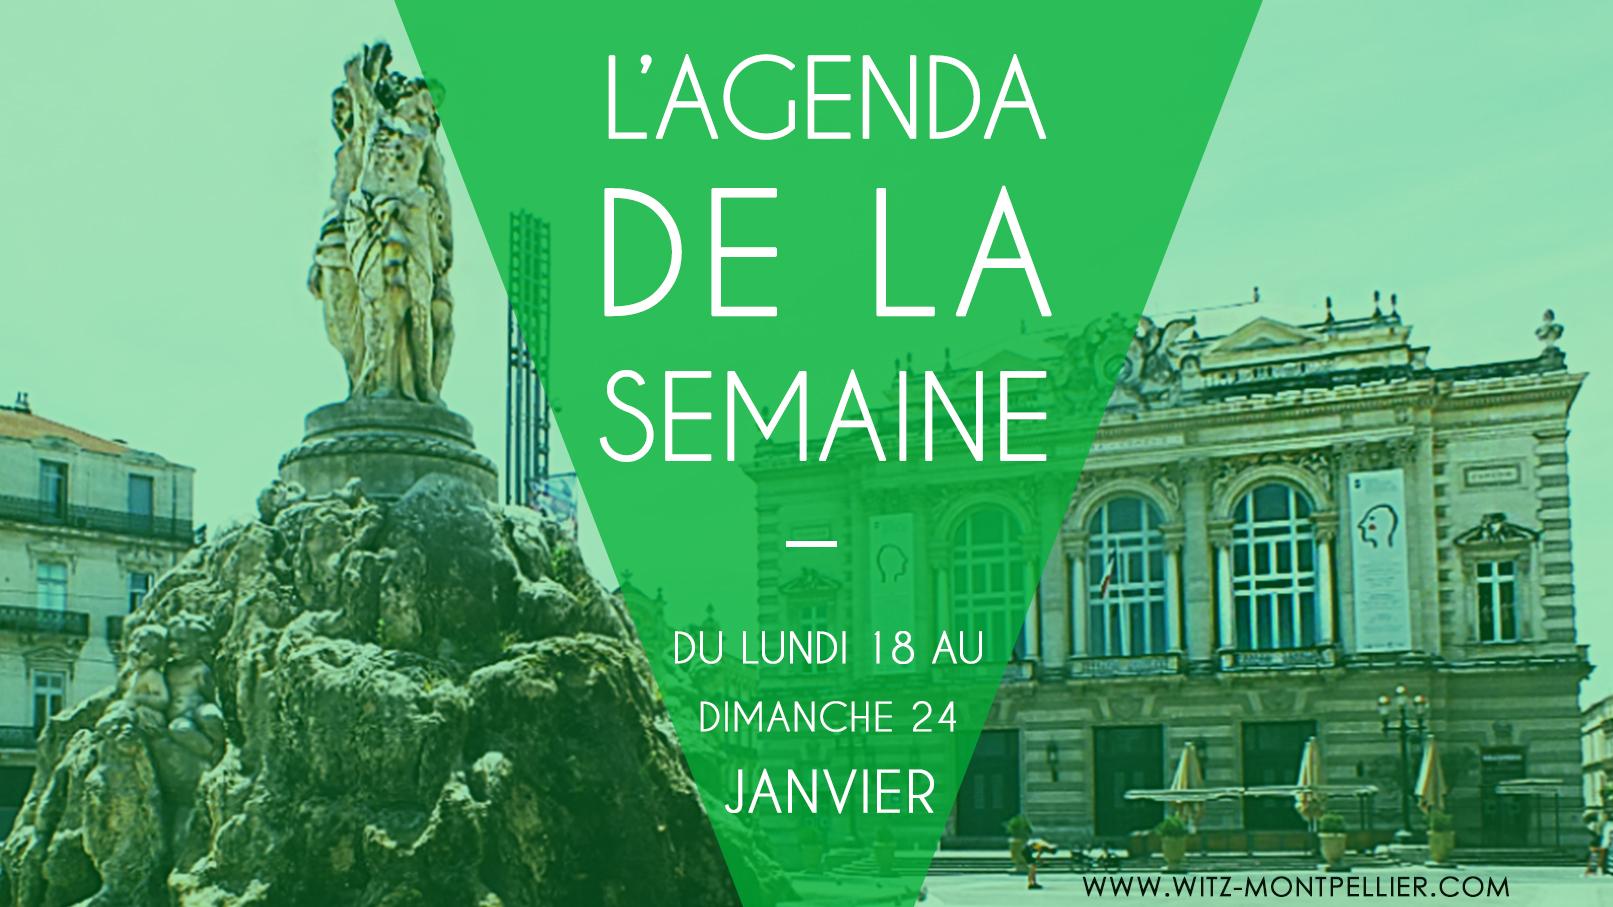 L'agenda des sorties à Montpellier : du 18 au 24 janvier